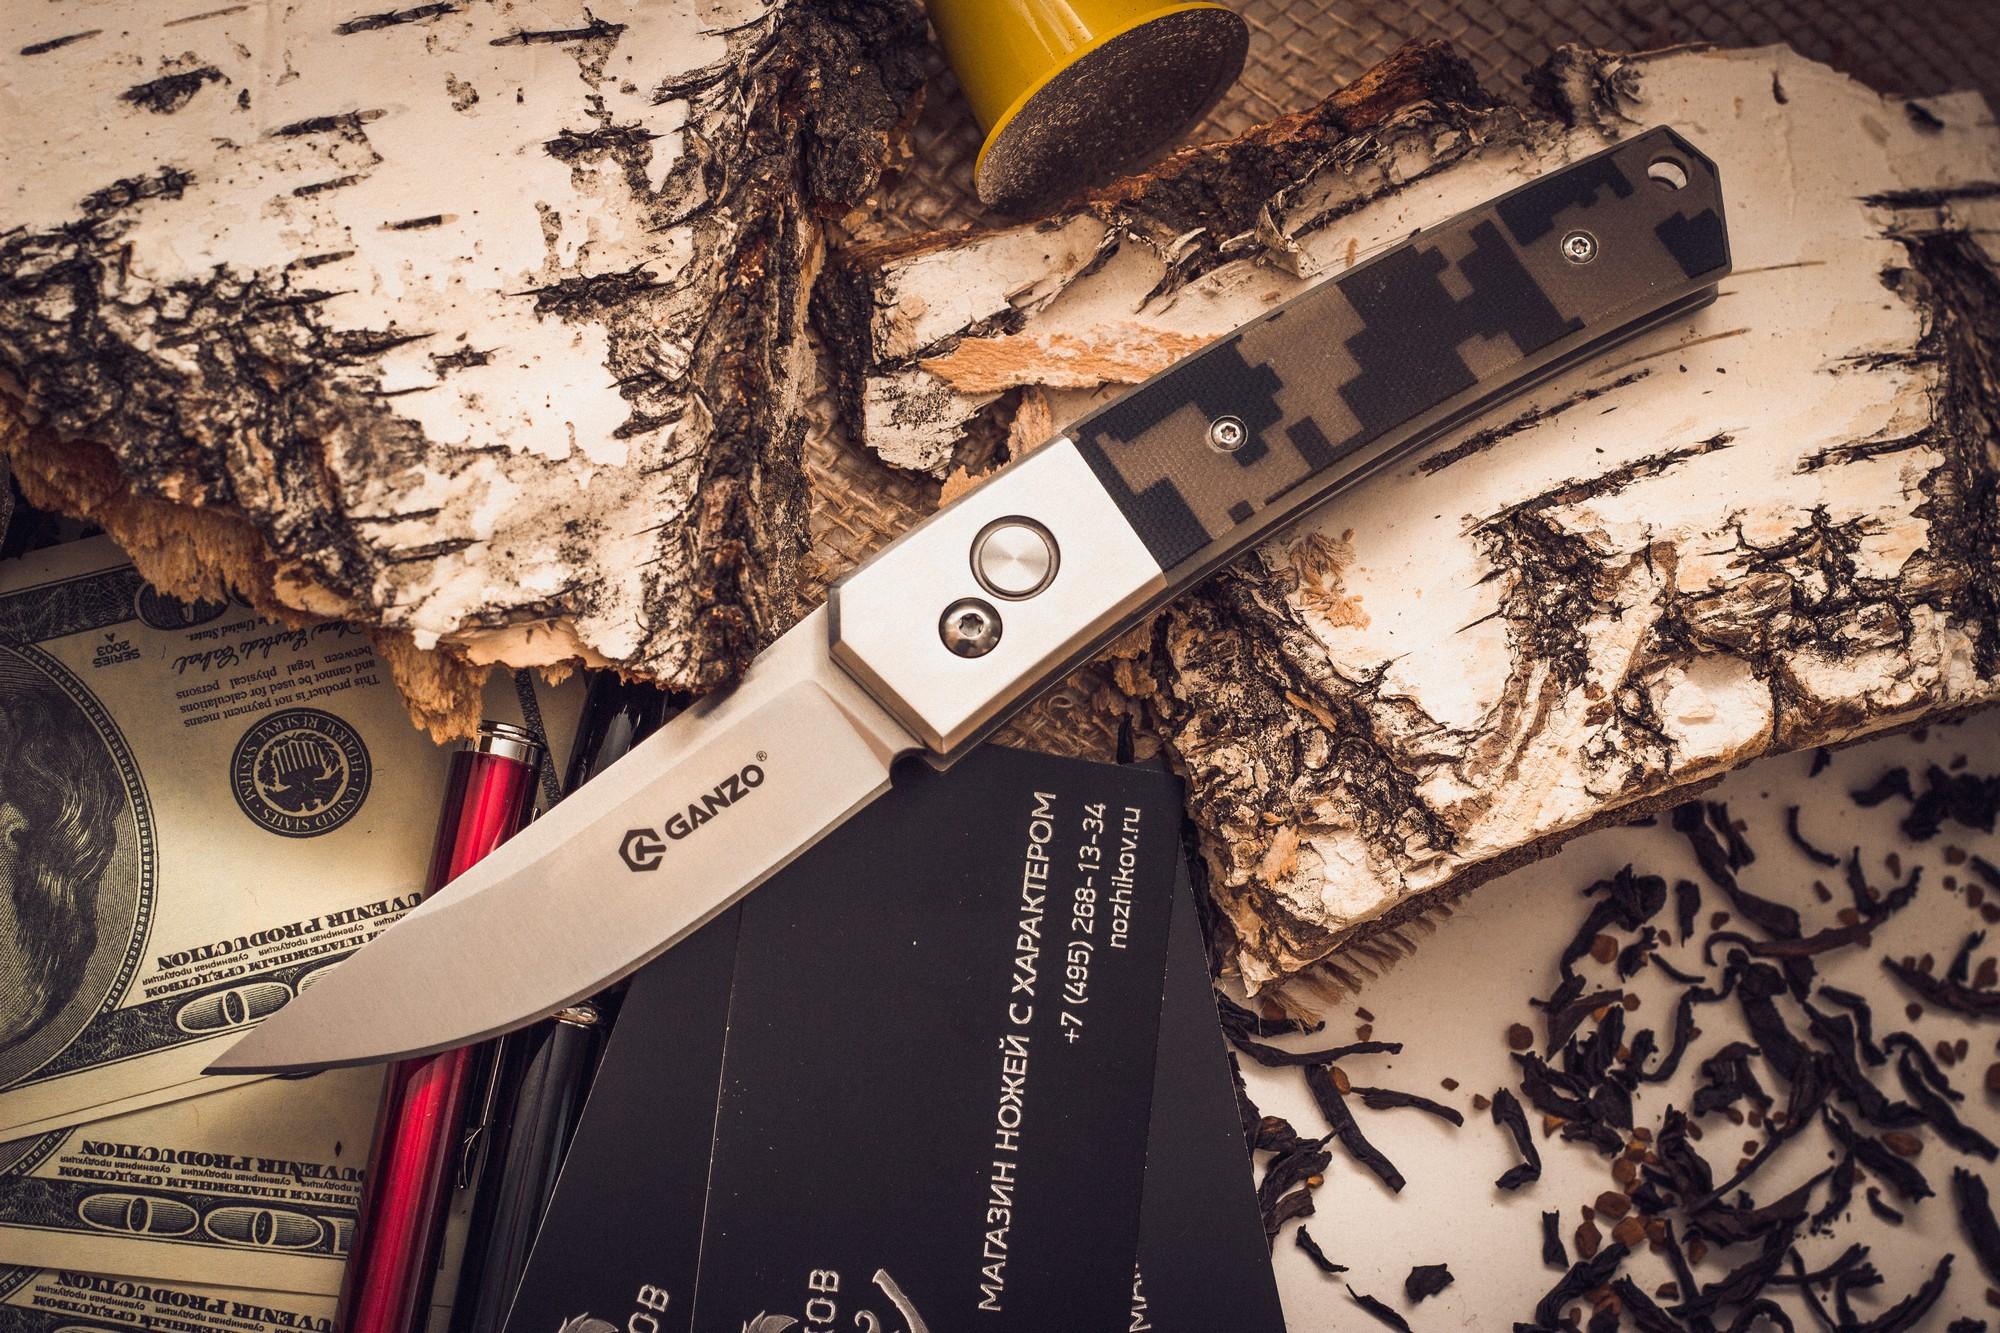 Складной нож Ganzo G7361, камуфляжGanzo<br>Если вам нужен универсальный вариант ножа, который подойдет и для ежедневной эксплуатации в городских условиях, и для поездок на природе, то хорошим решением будет купить Ganzo G7361. Эта модель изготовлена из надежных материалов и отличается очень сдержанным и лаконичным дизайном. Нож выглядит очень аккуратным, но способен работать практически с любыми материалами.<br>Клинок ножика сделан из стали марки 440С. Она относится к нержавеющим сплавам, но содержит достаточно большое количество углерода, чтобы металл приобрел твердость примерно 58 HRC. Такая твердость способствует тому, чтобы нож не нужно было слишком часто затачивать, но при необходимости, сделать это было бы просто при помощи обычной карманной точилки. Поверхность лезвия обработана методом шлифовки, благодаря чему она гладкая и глянцевая. Режущая кромка заточена классическим способом — гладко. Это также способствует универсальности ножа. Размер клинка равен 8 см по длине с толщиной по обуху 0,3 см.<br>